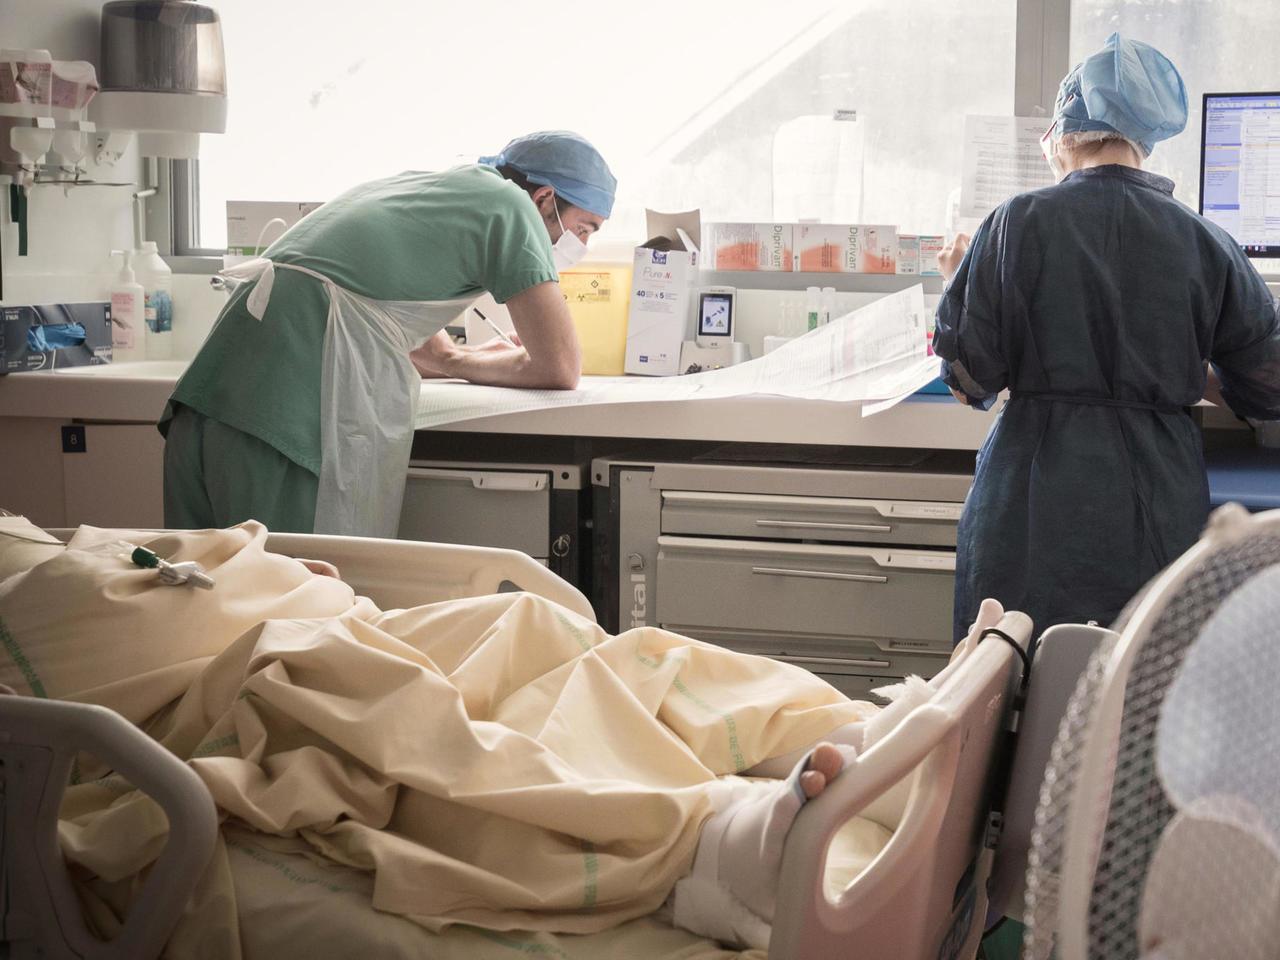 París entró en alerta máxima por aumento de casos de Covid-19: en jaque centros de salud